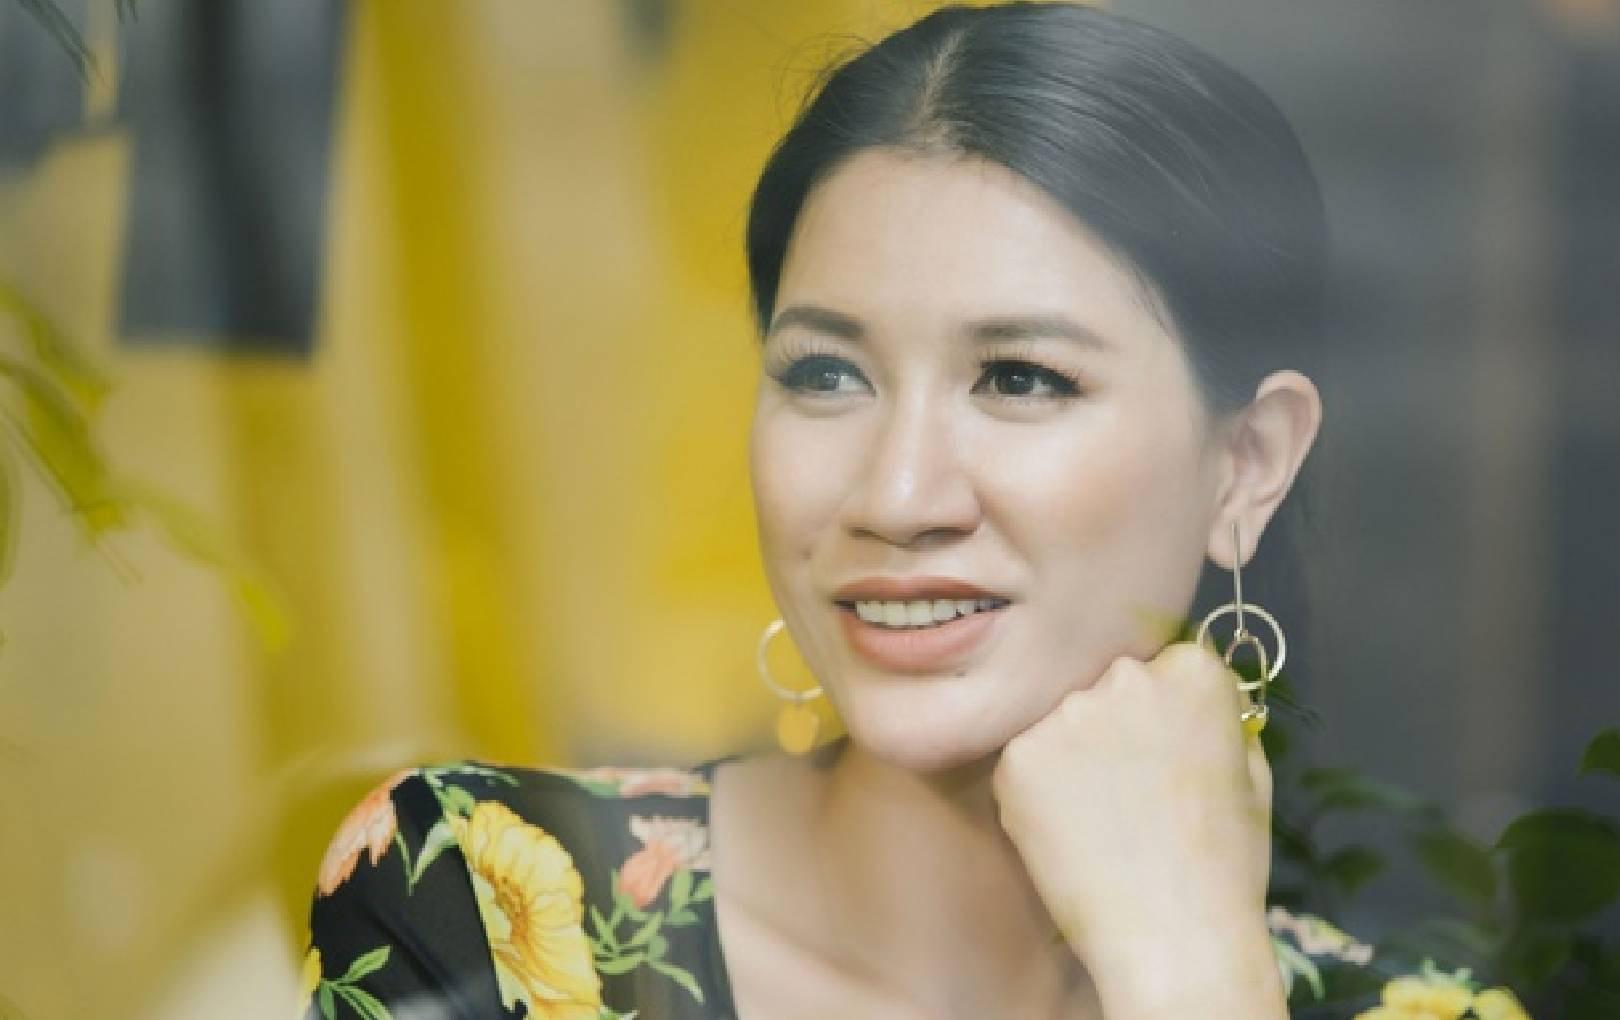 Rộ tin Hoa hậu bán dâm, phát ngôn của Trang Trần cách đây 10 năm bỗng dưng bị đào bới